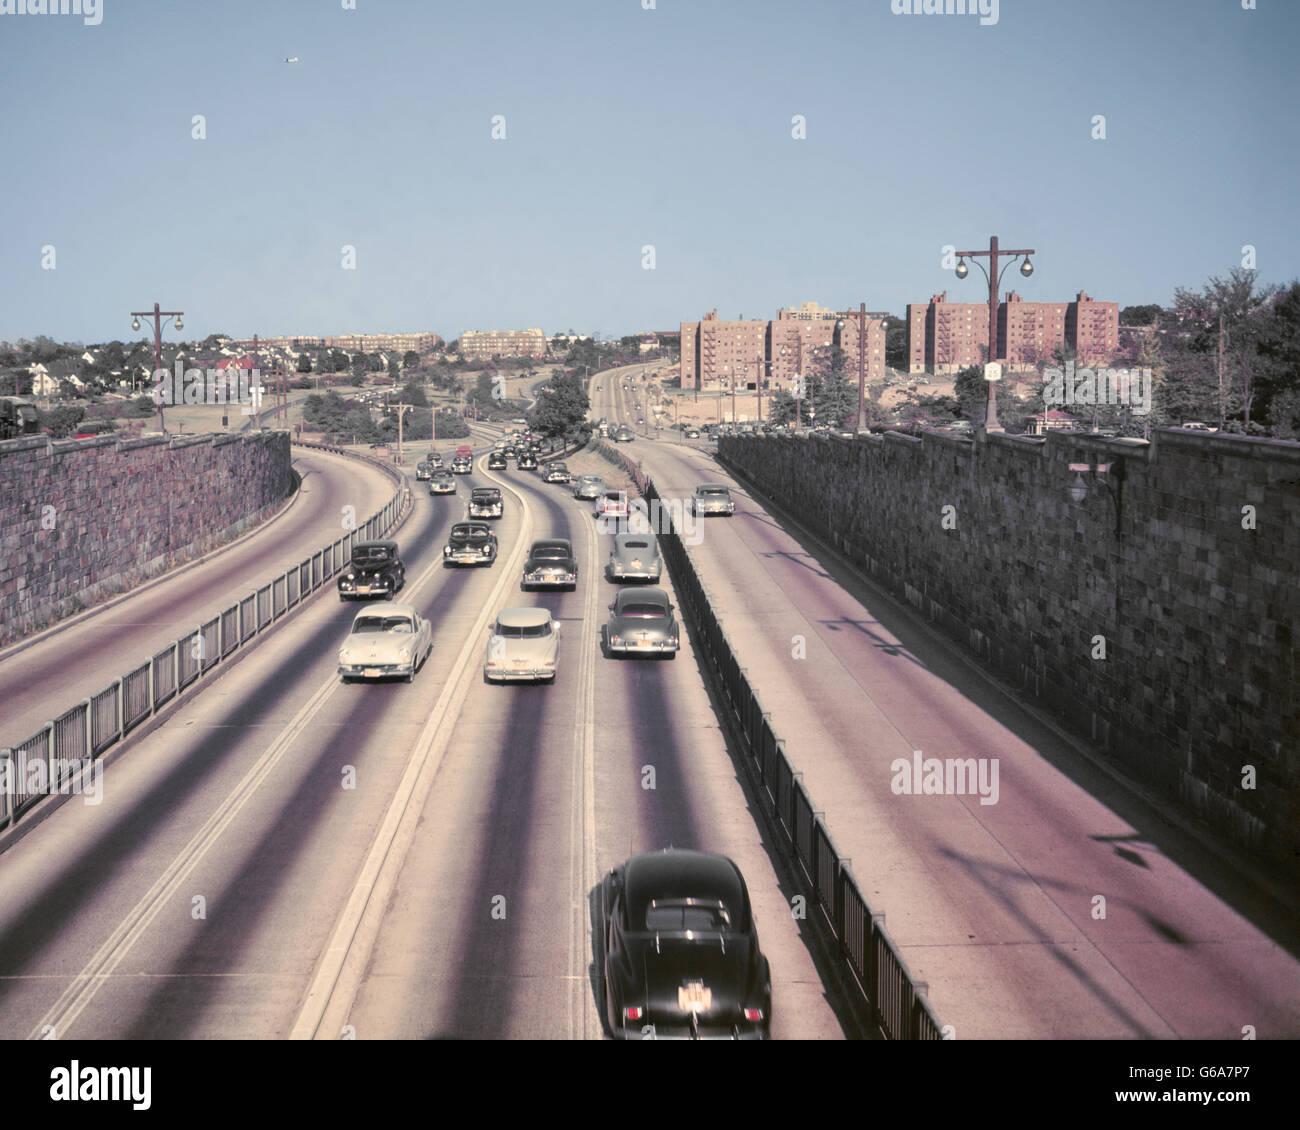 Anni Cinquanta vetture traffico sul percorso 25 QUEENS BOROUGH LONG ISLAND NEW YORK CITY USA Immagini Stock